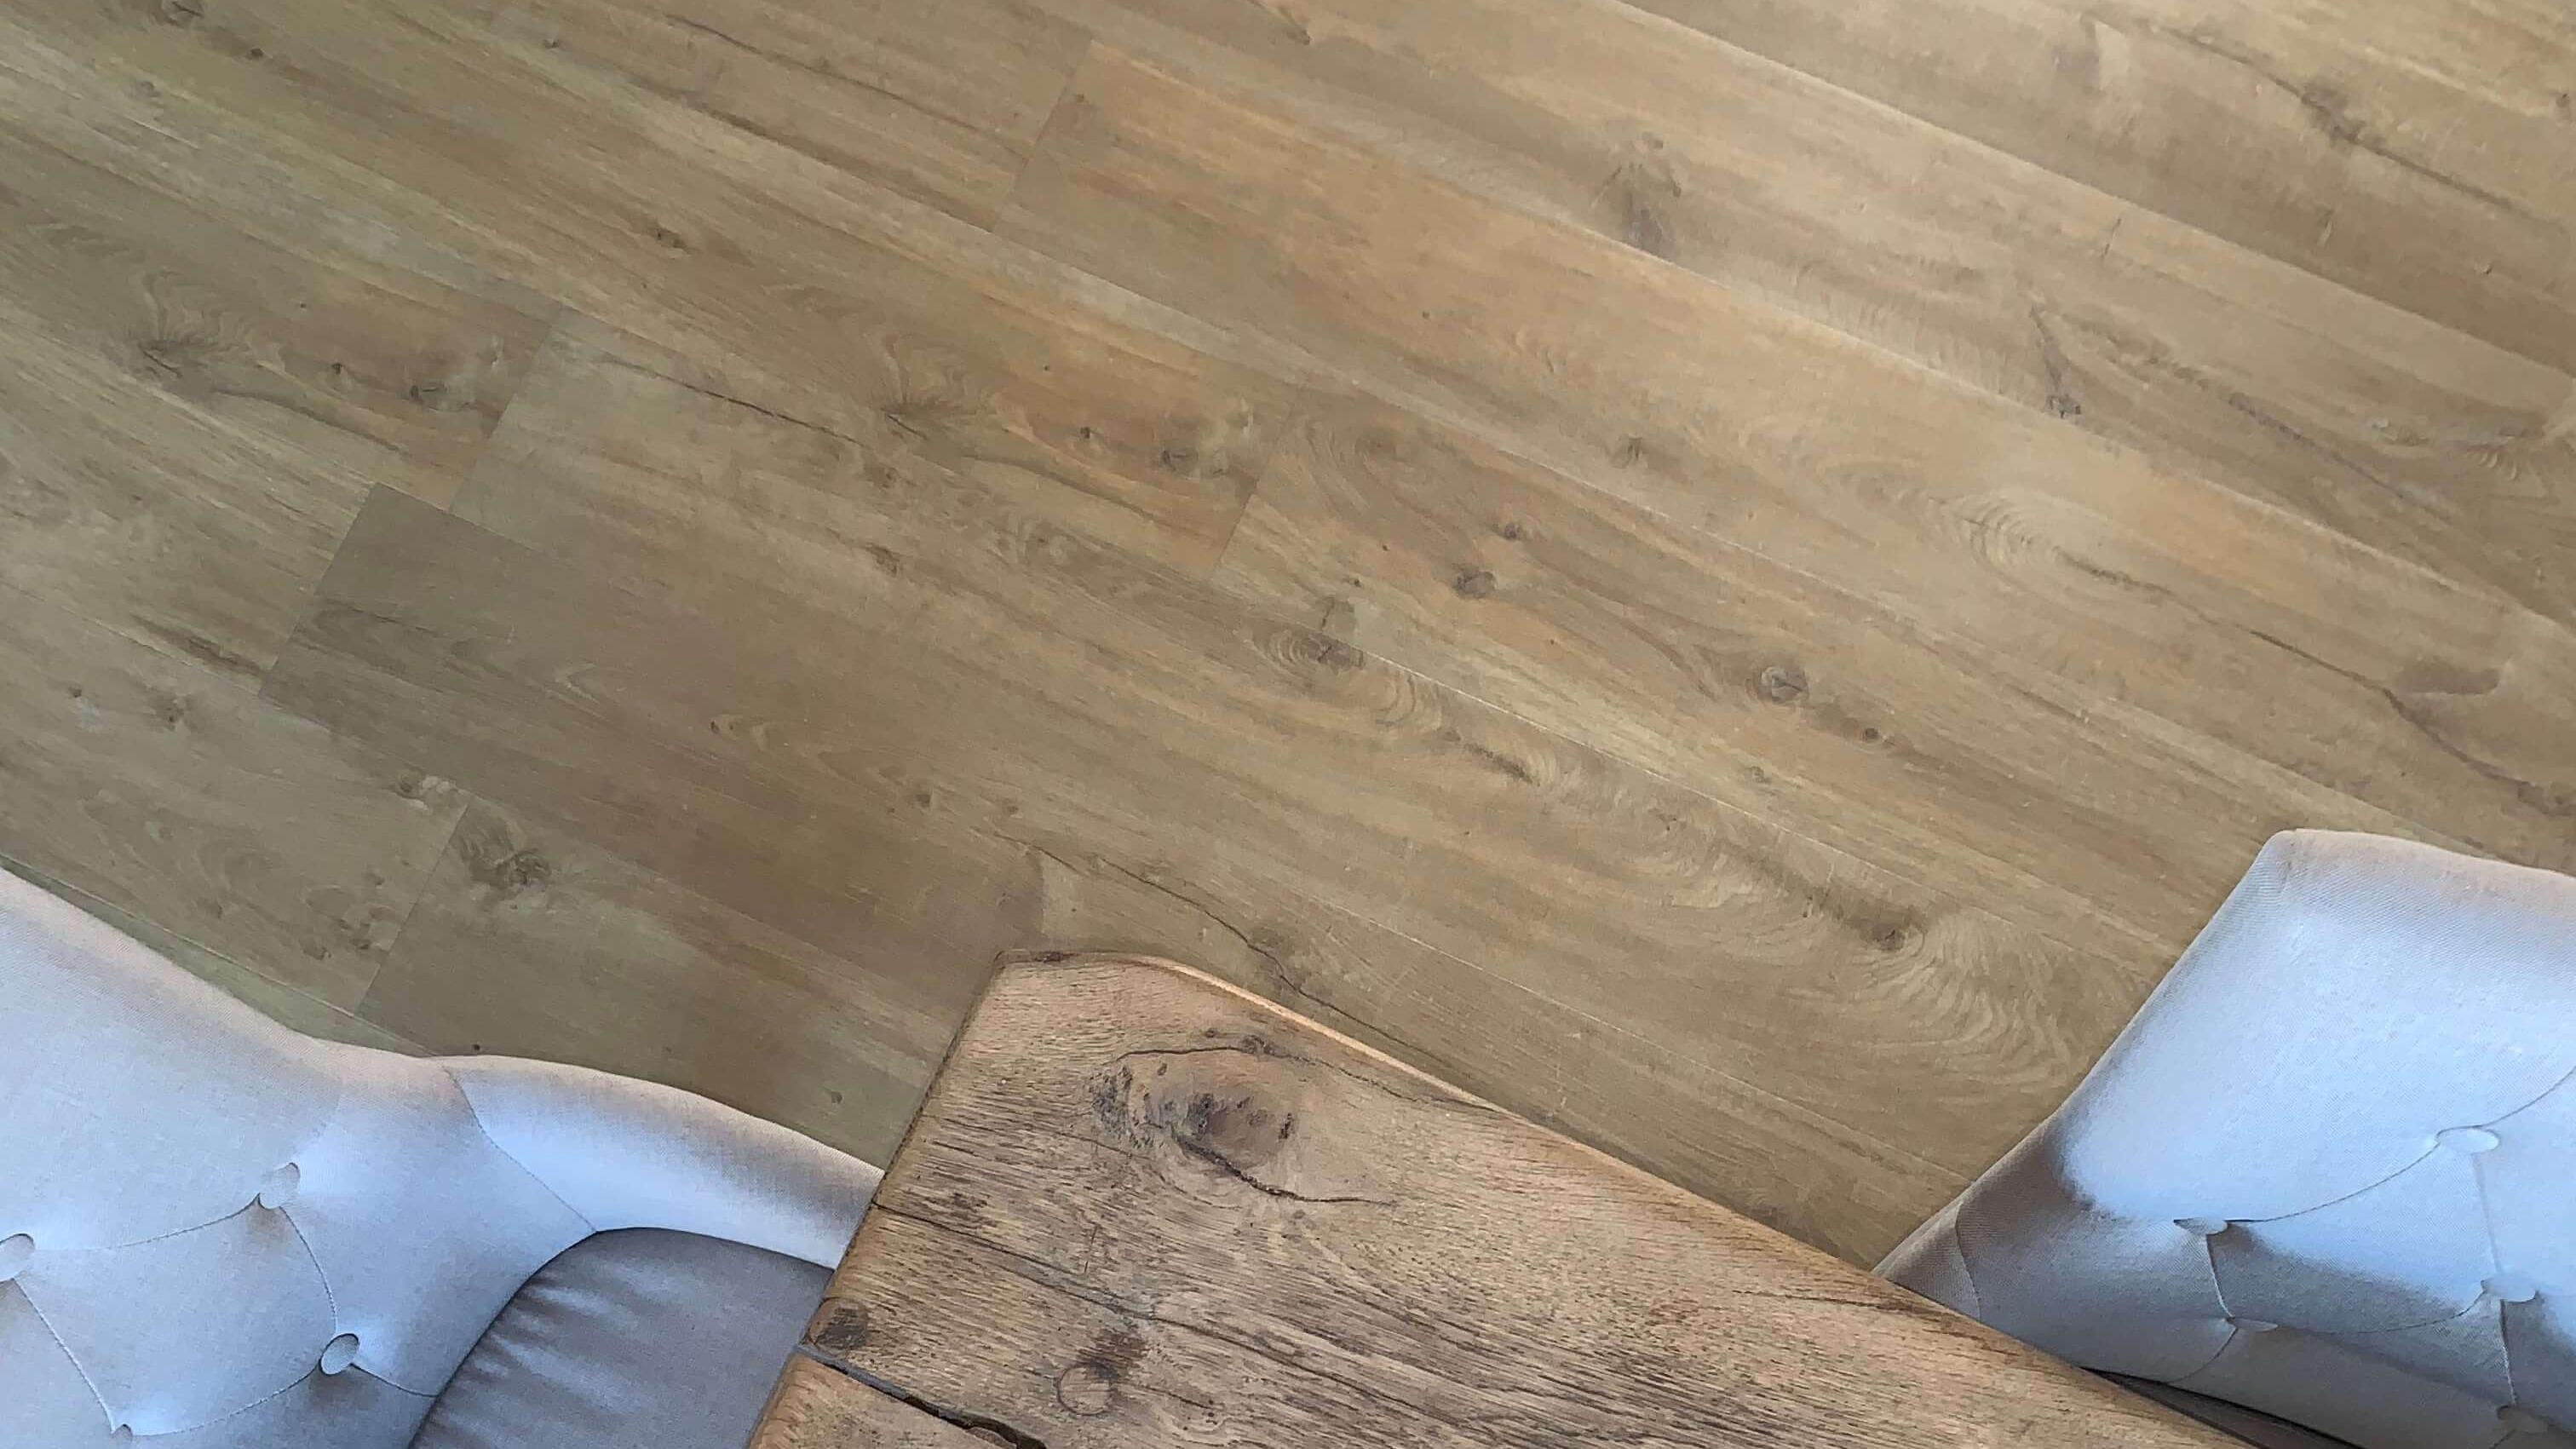 Projet_réalisé_stratifie-et-moquette-pour-habiller-un-interieur-contemporain